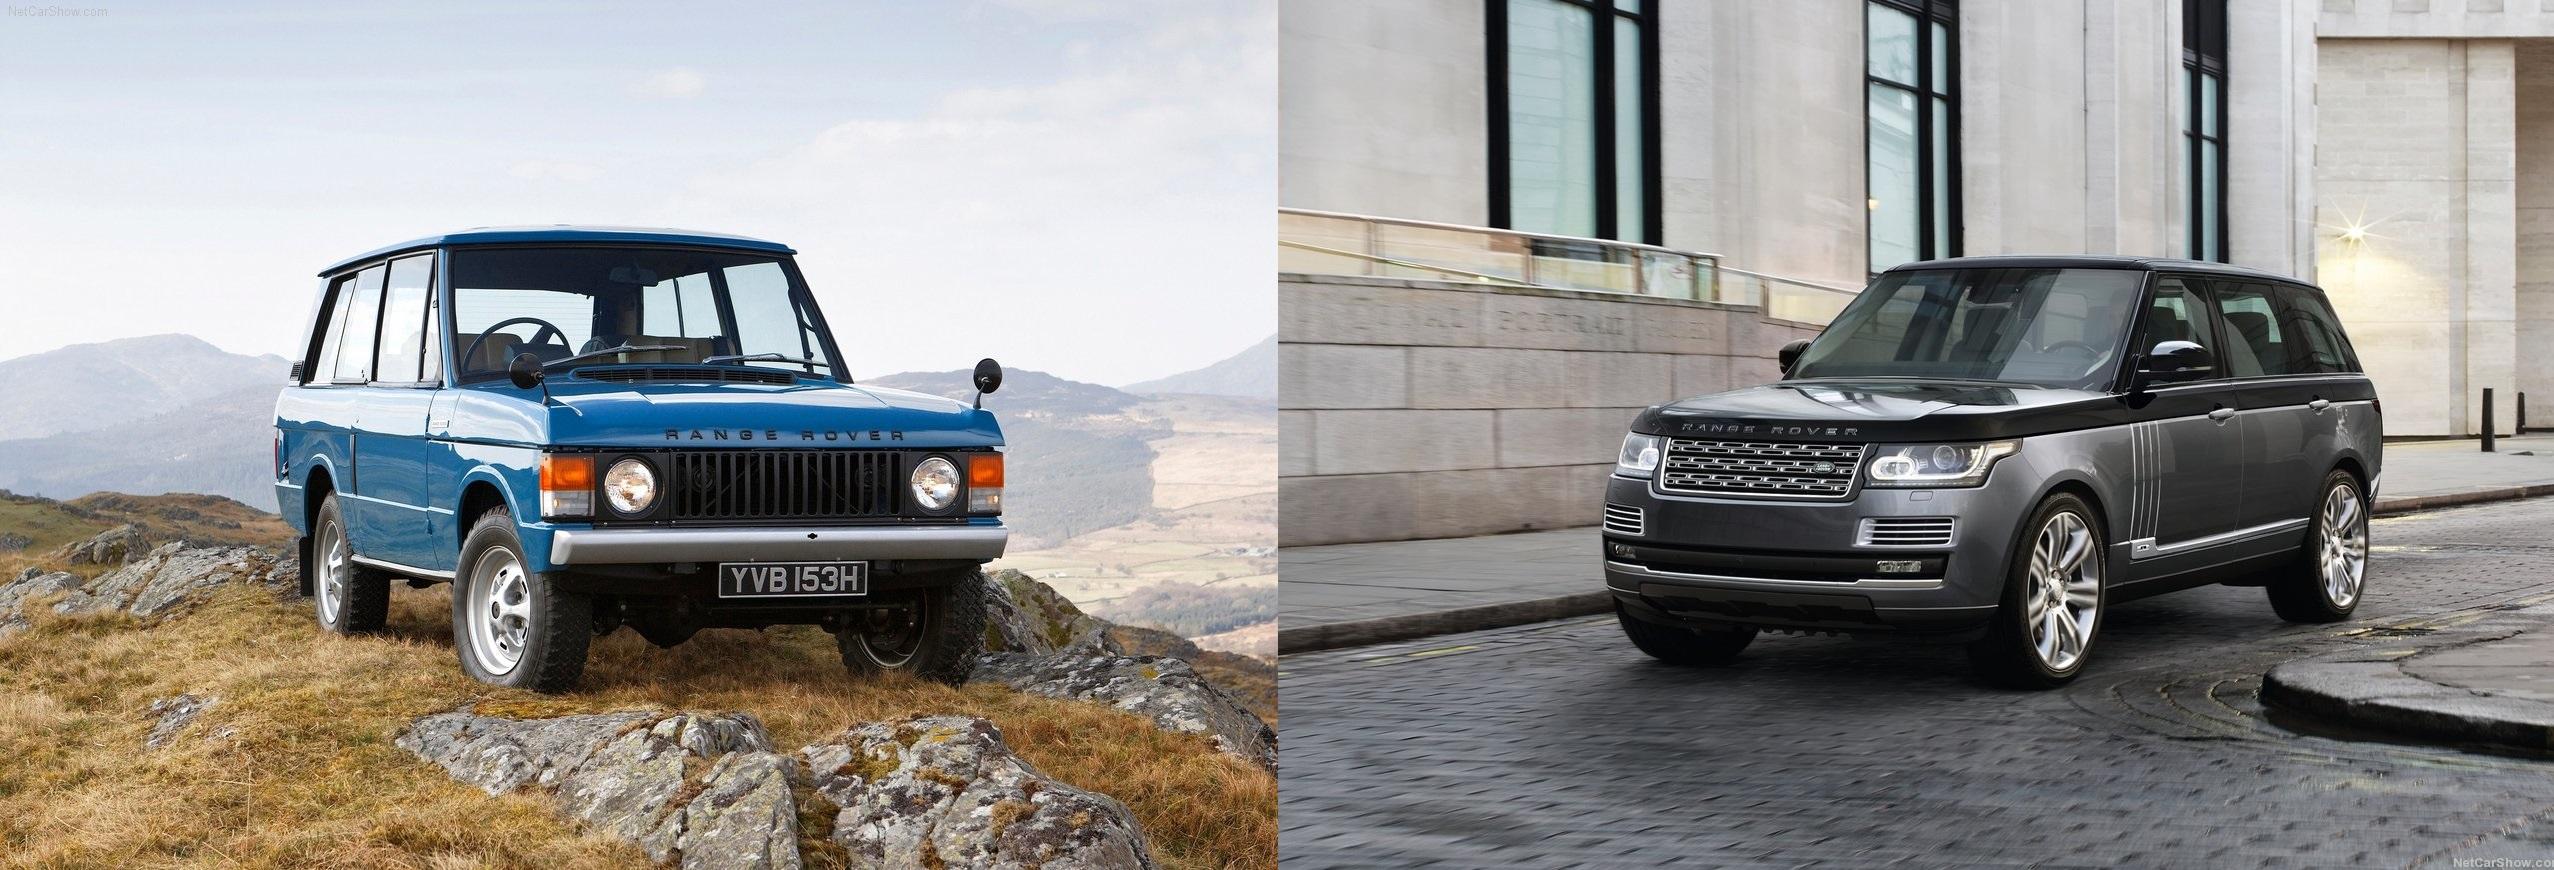 Land_Rover-Range_Rover-1970-1280-02